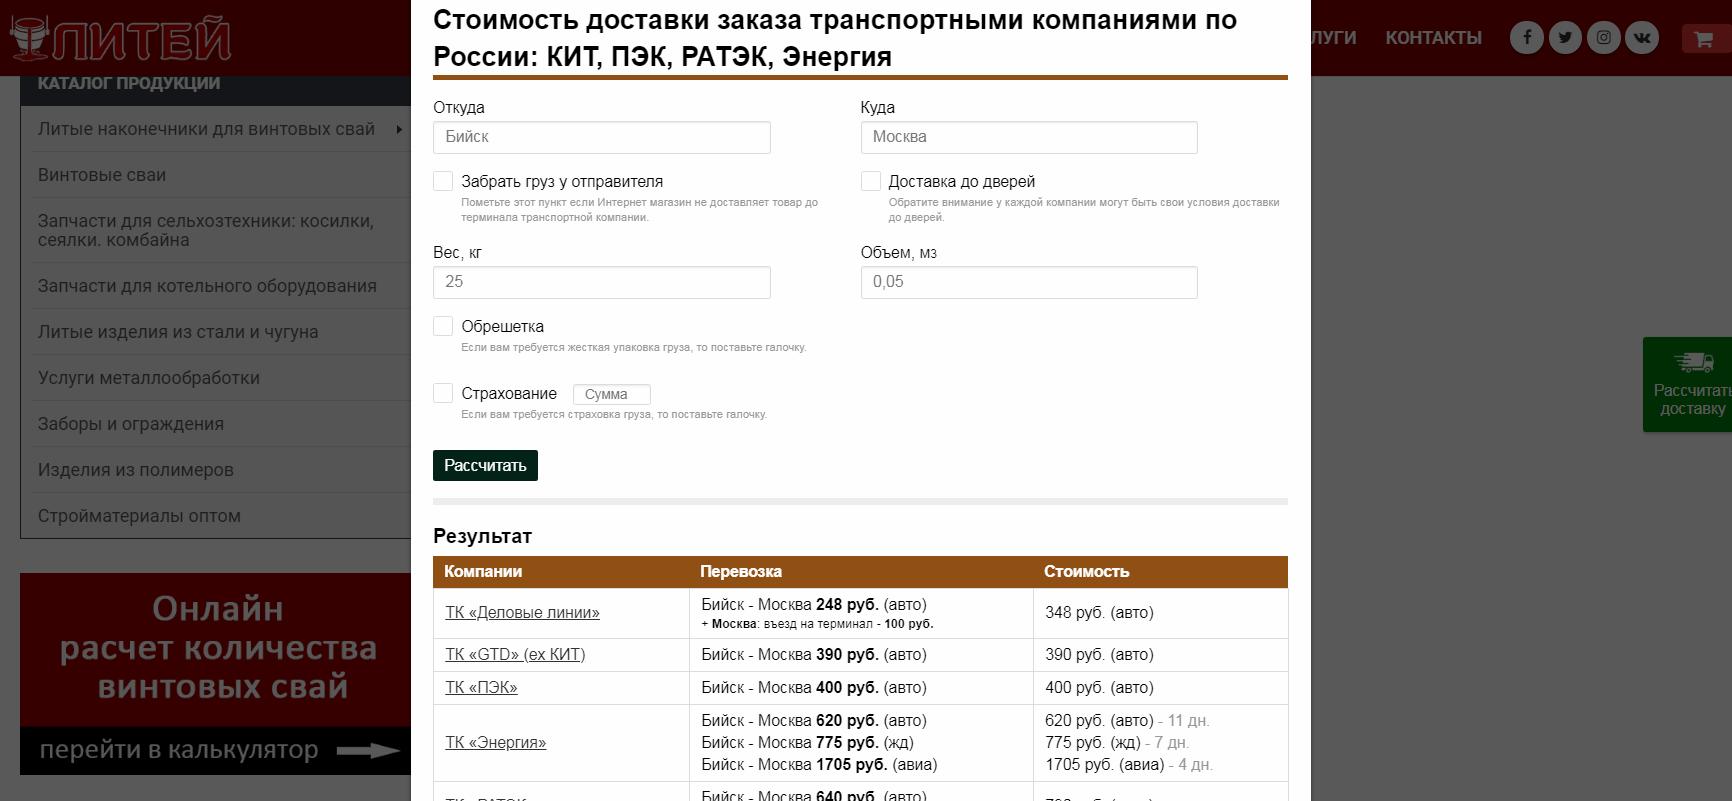 Калькулятор доставки заказа в Москву